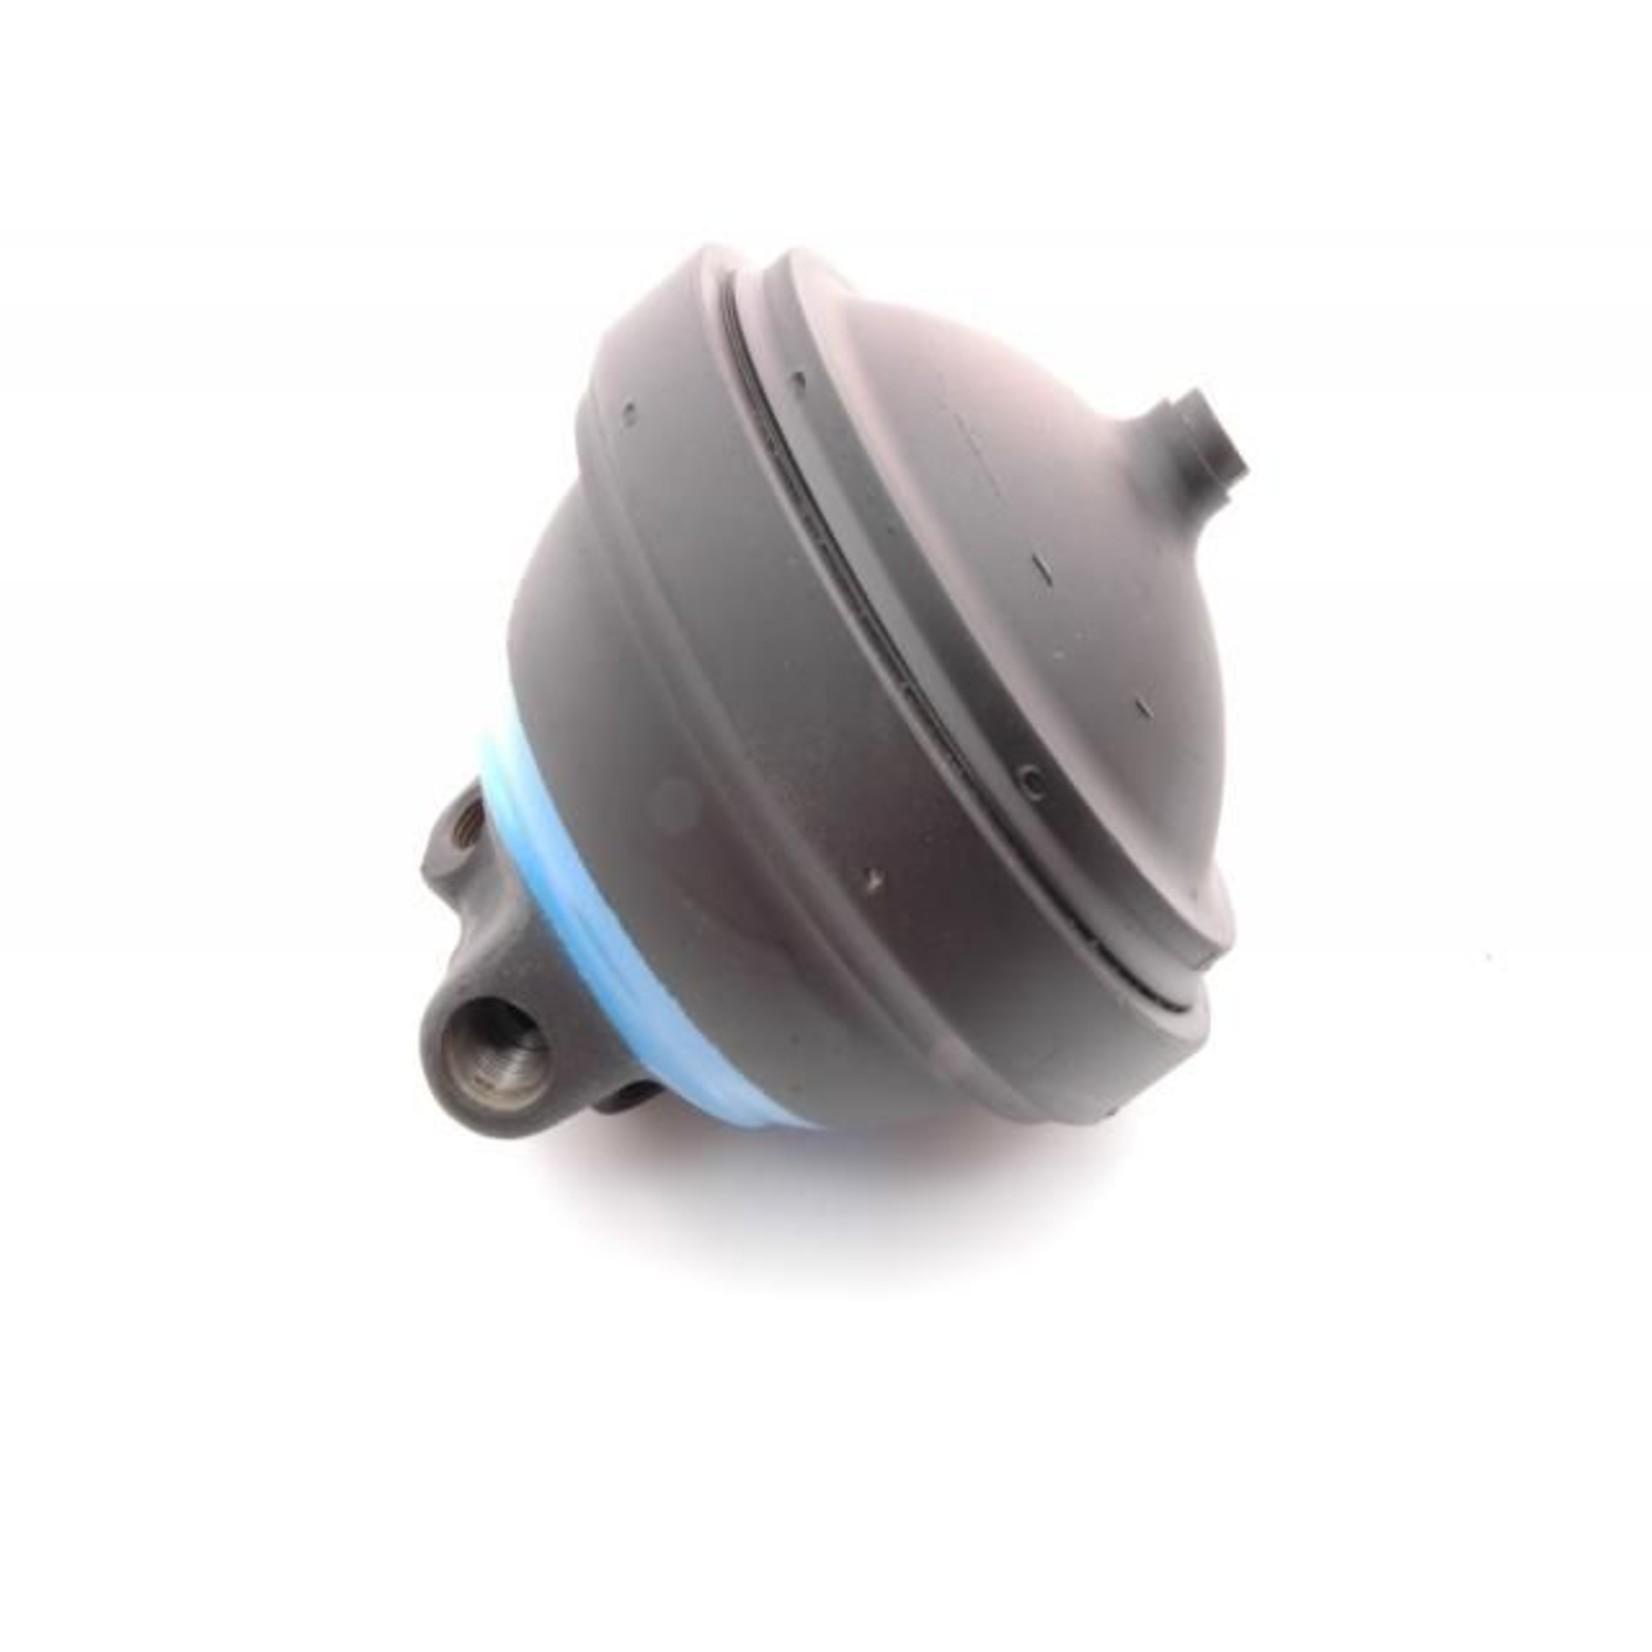 Sphère accumulateur de frein 3 voies reconditionnée LHS 40 bar Nr Org: D39202